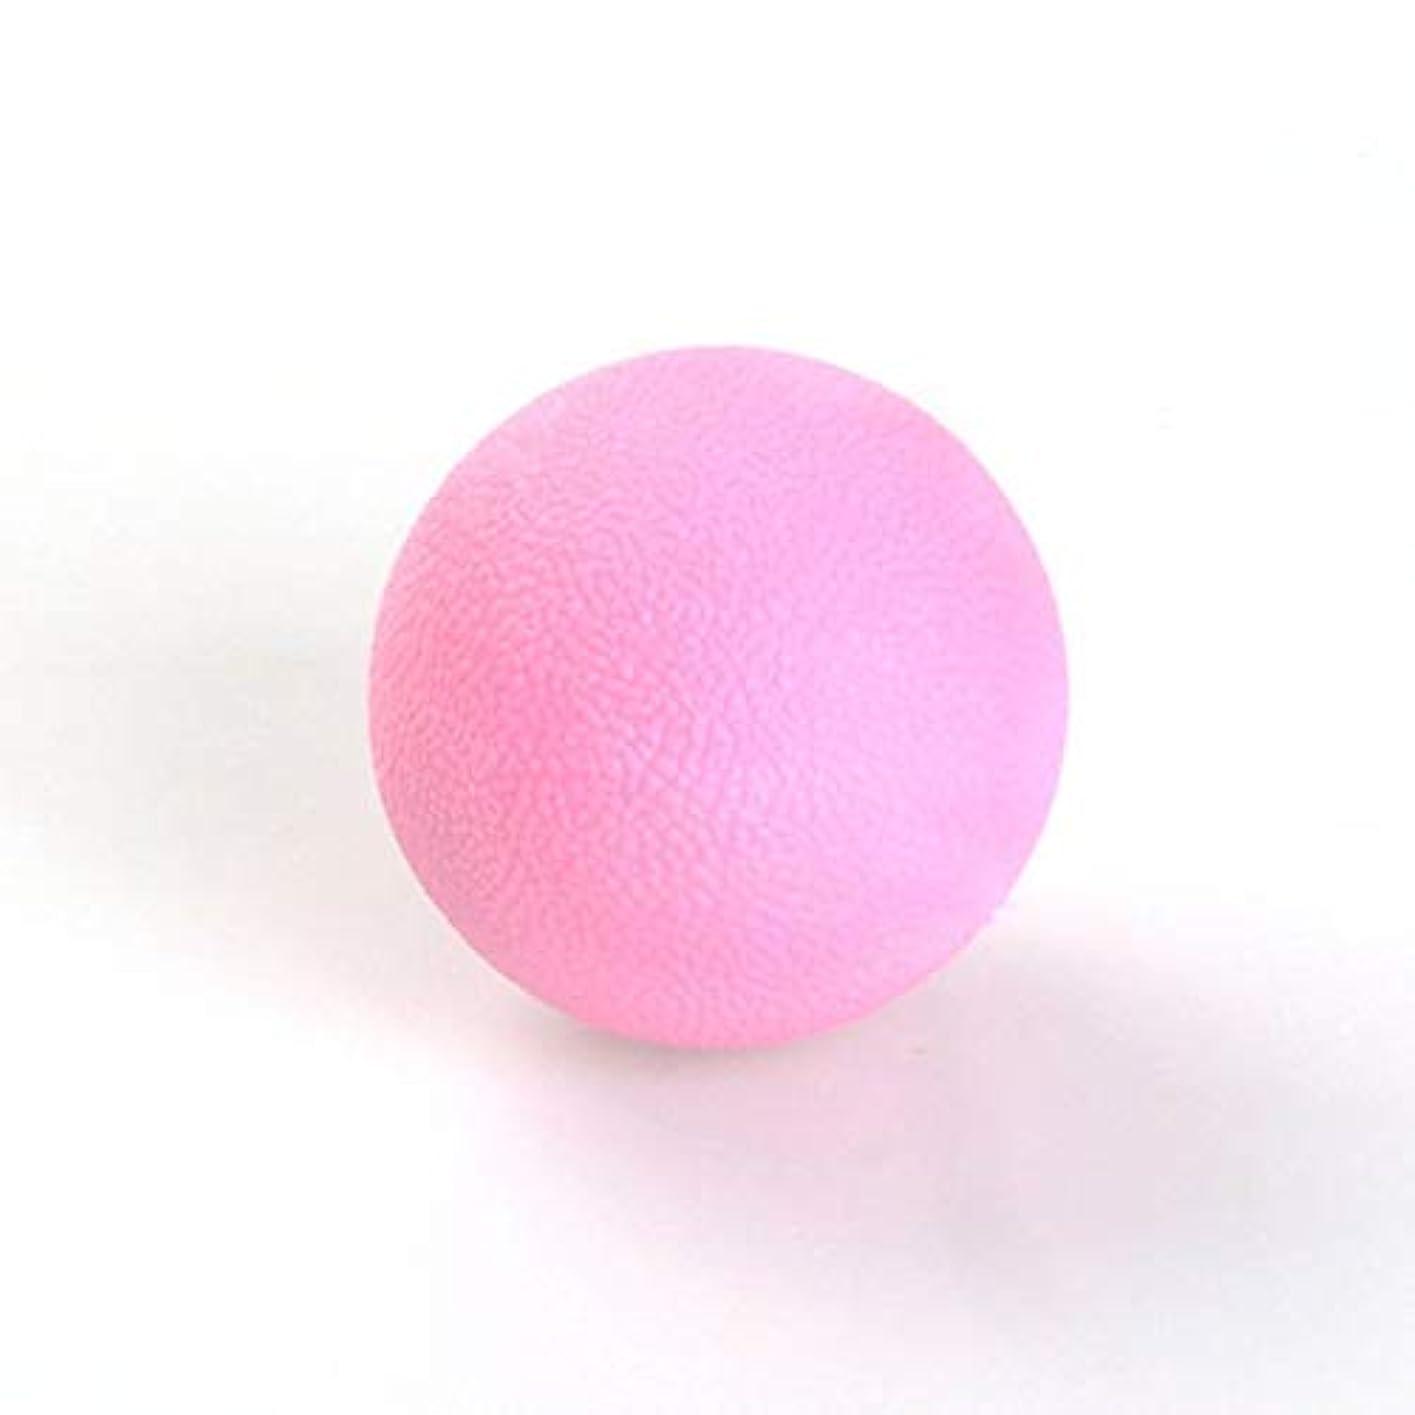 正確な不規則性集団的65ミリメートルマッサージボール筋筋膜トリガーポイントボディ疲労フィットネスボールを和らげます